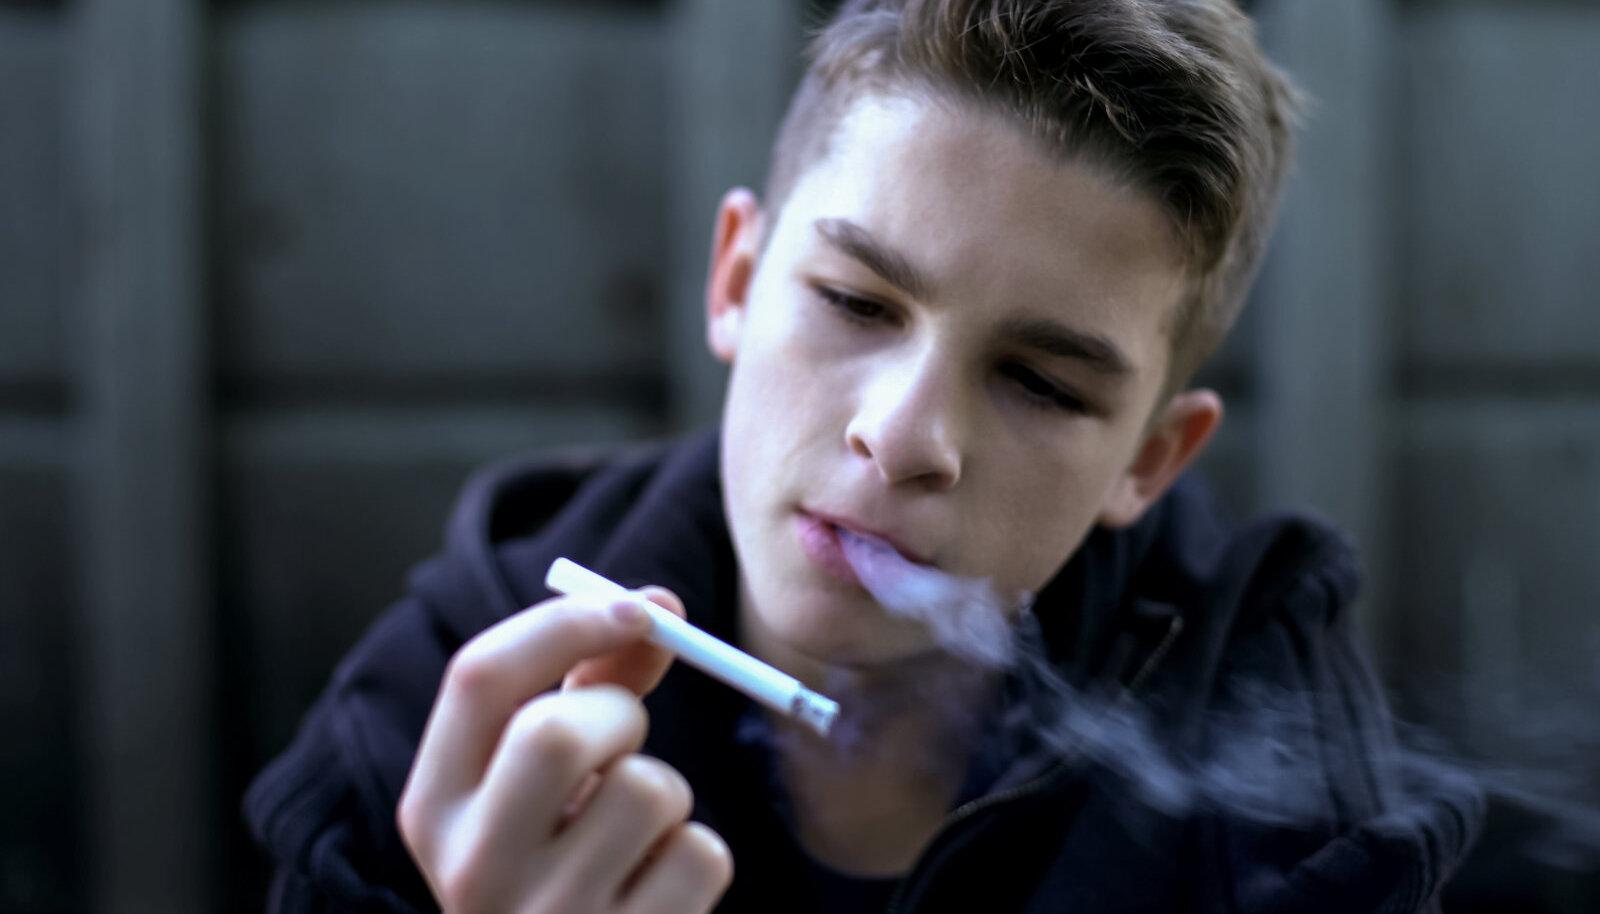 Teismelise käitumine muutus kanepi tarvitamise tagajärjel täielikult